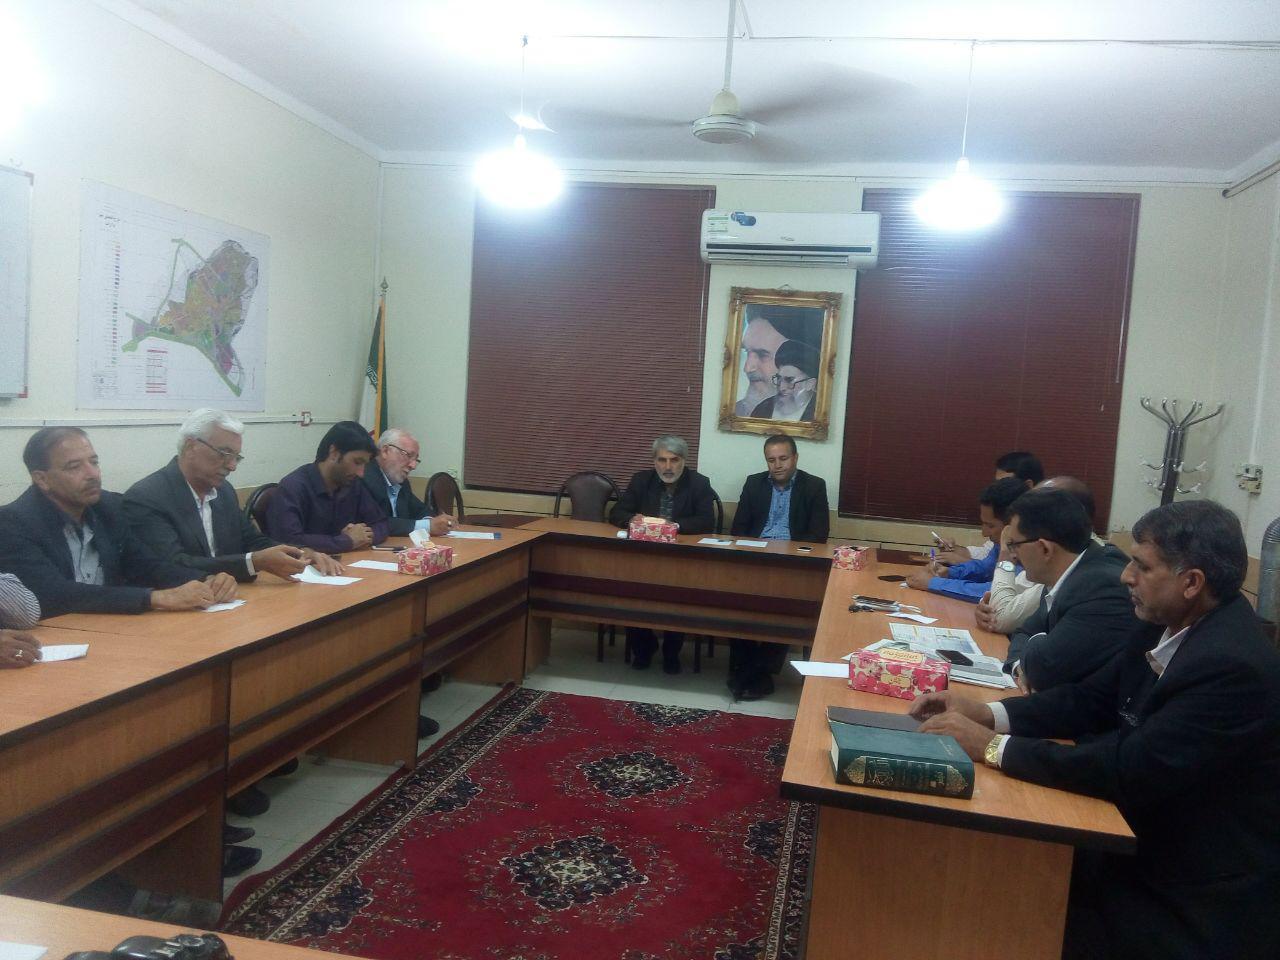 اعضا جدید هیأت رئیسه شورای اسلامی شهر داراب انتخاب شدند/ عبداللهی بار دیگر کرسی ریاست شورا را در اختیار گرفت